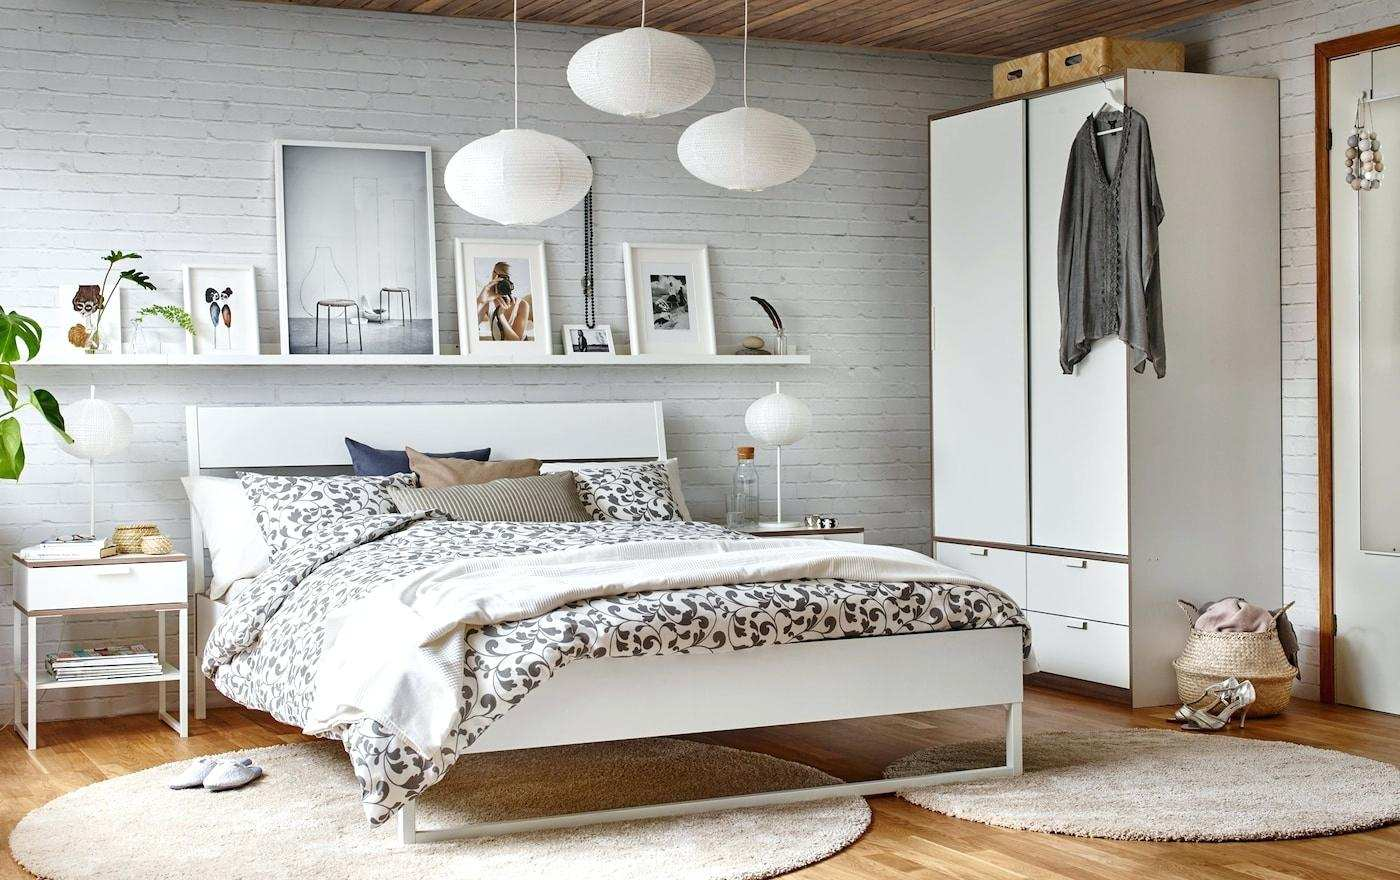 Full Size of Ikea Mbel Schlafzimmer Reizend Berbau Nolte Massivholz Mit überbau Gardinen Moderne Bilder Fürs Wohnzimmer Stehlampe Günstig Set Deckenleuchte Modern Sessel Wohnzimmer überbau Schlafzimmer Modern